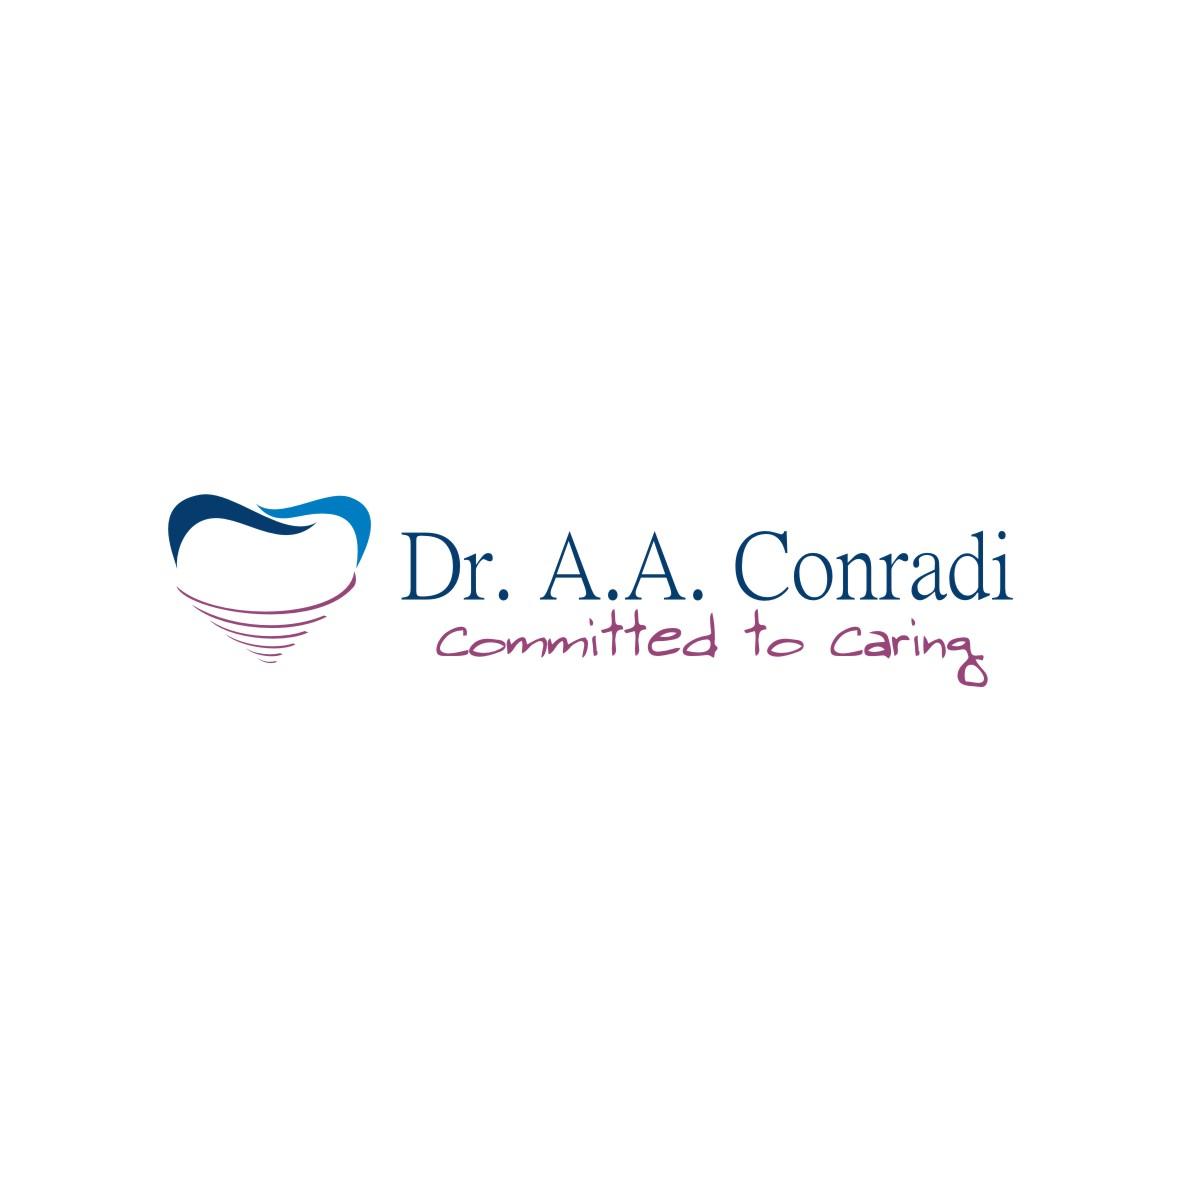 Logo Design by arteo_design - Entry No. 137 in the Logo Design Contest Unique Logo Design Wanted for Dr. A.A. Conradi.